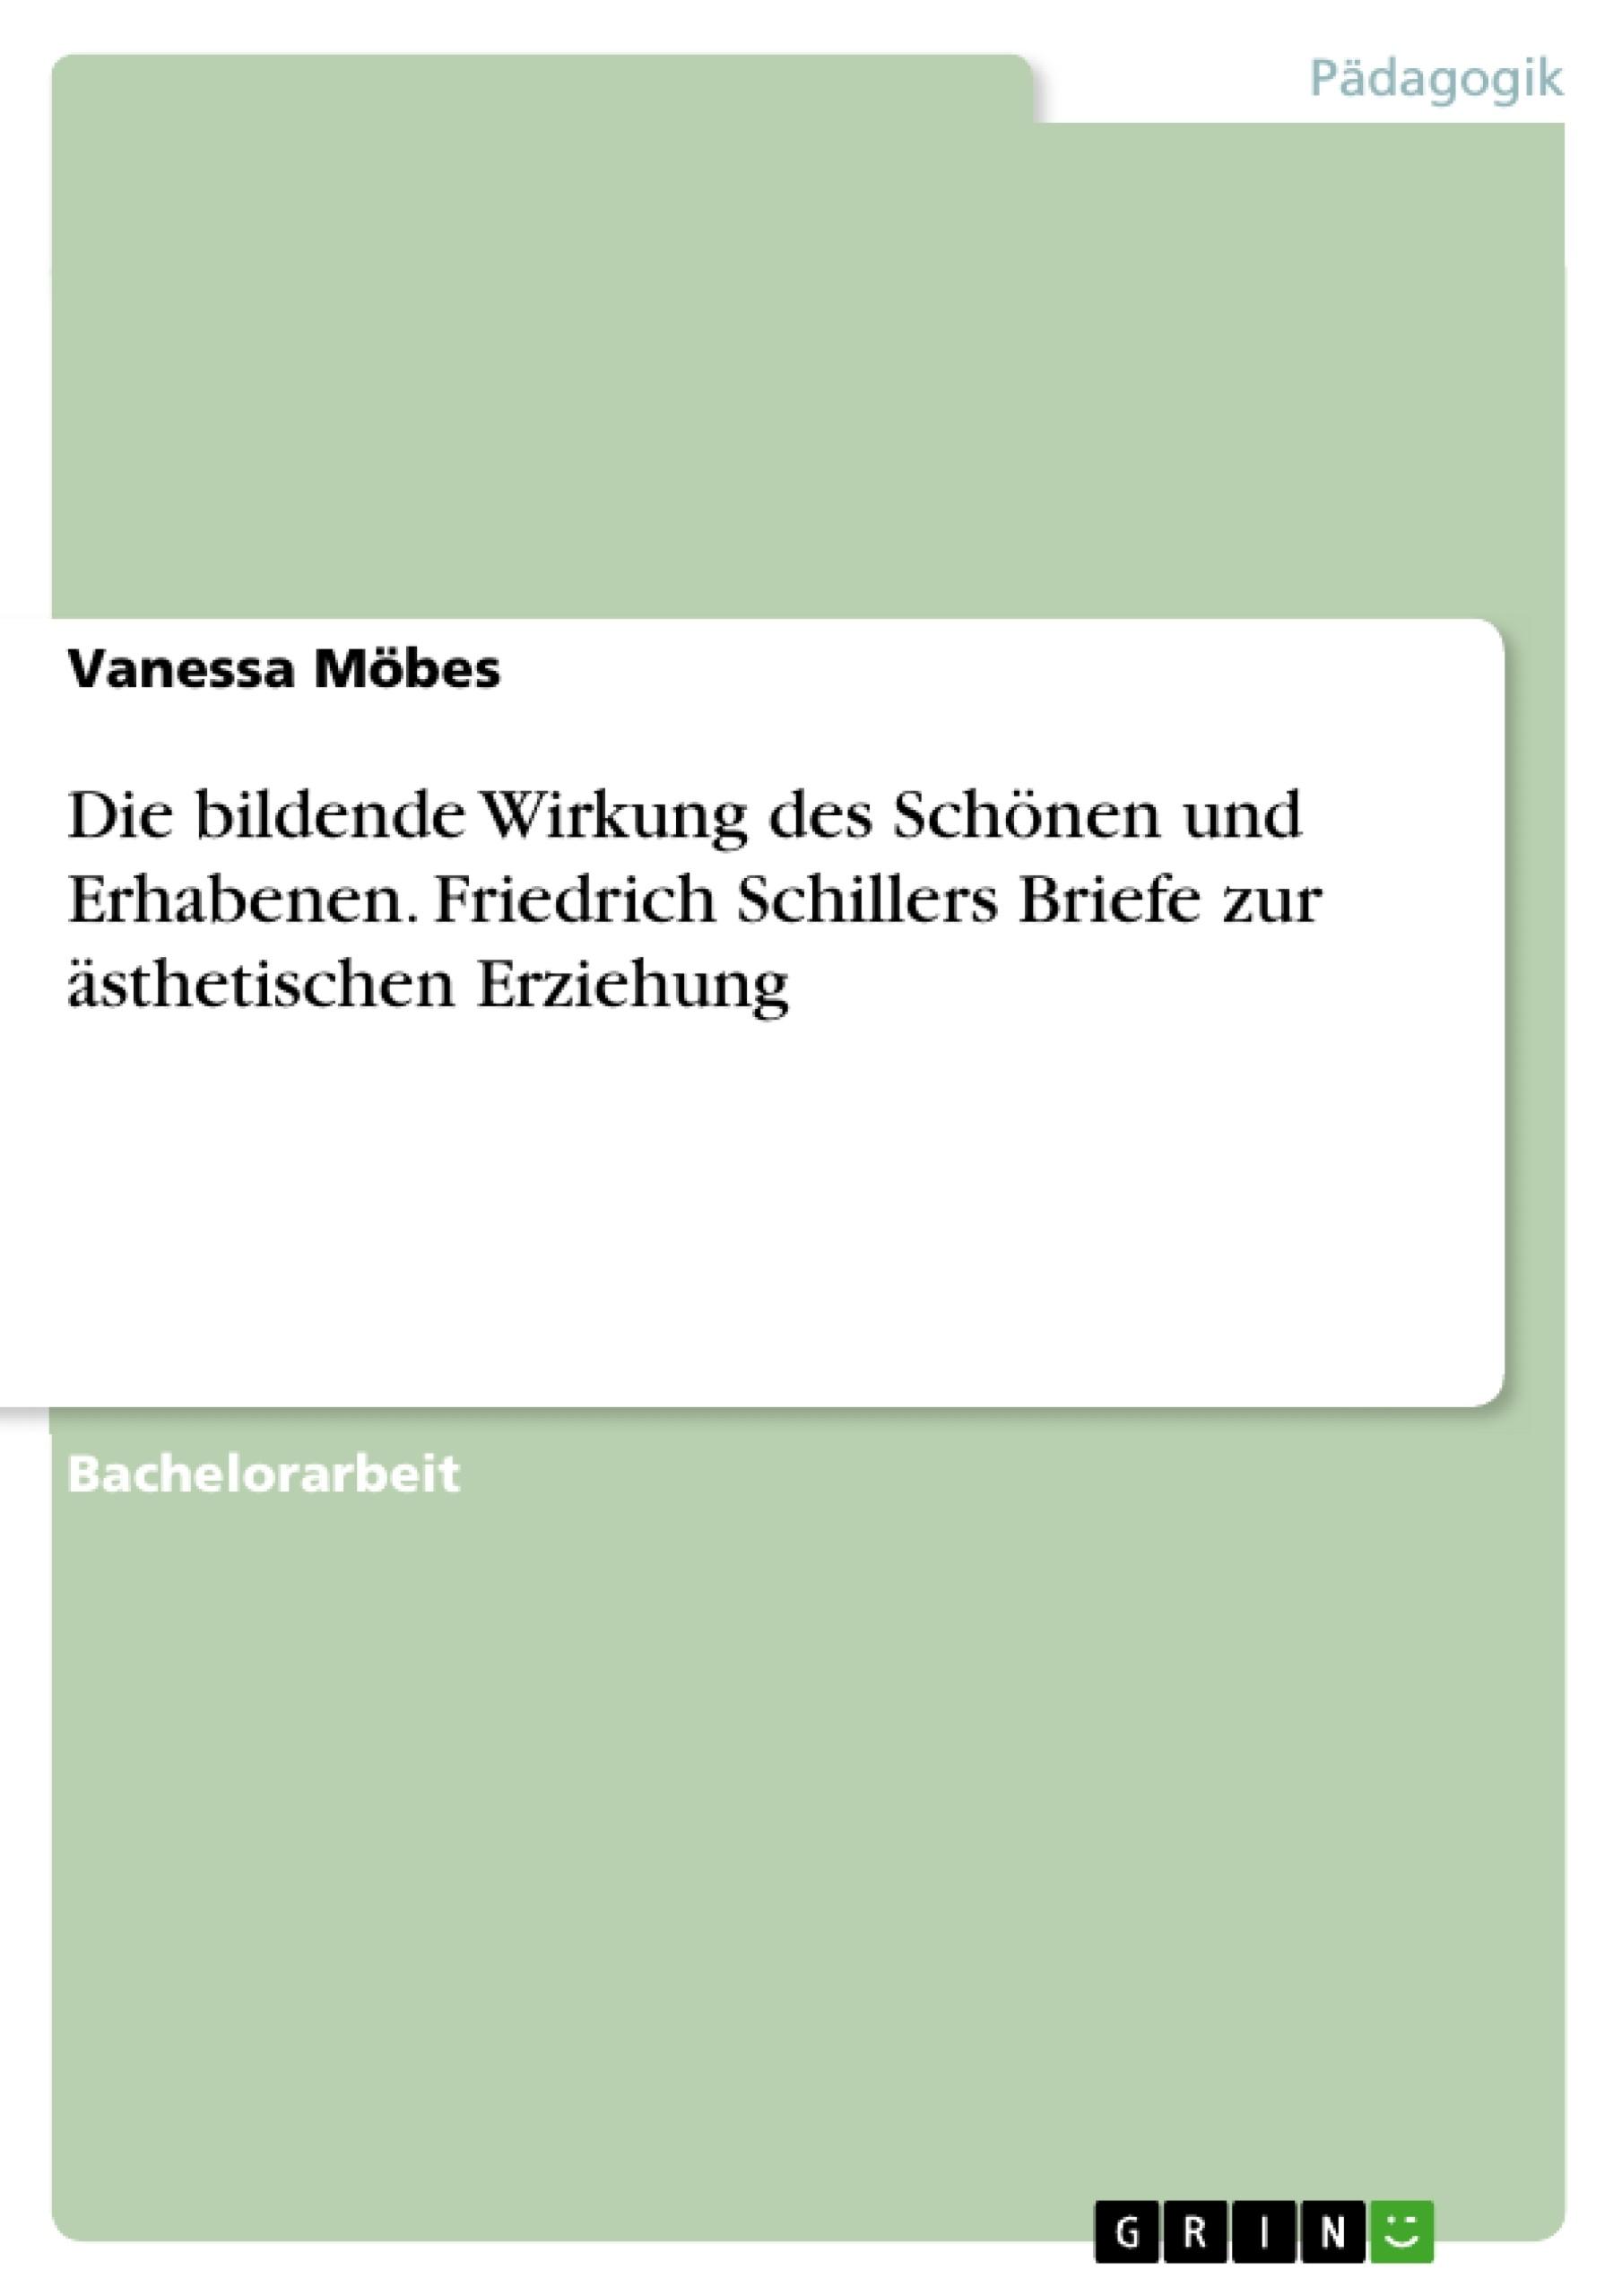 Titel: Die bildende Wirkung des Schönen und Erhabenen. Friedrich Schillers Briefe zur ästhetischen Erziehung